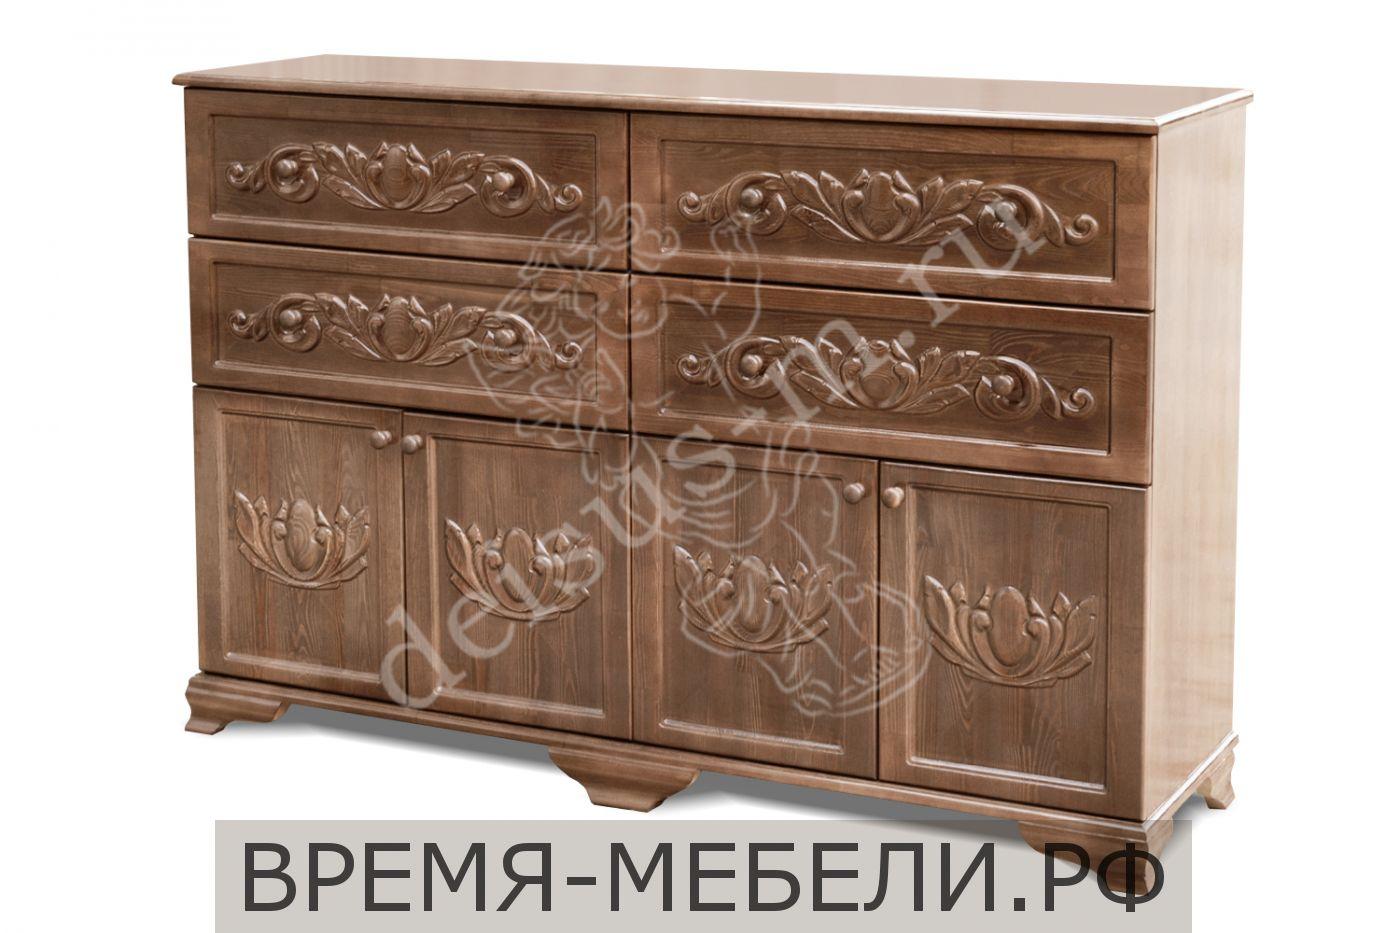 Комод София-М